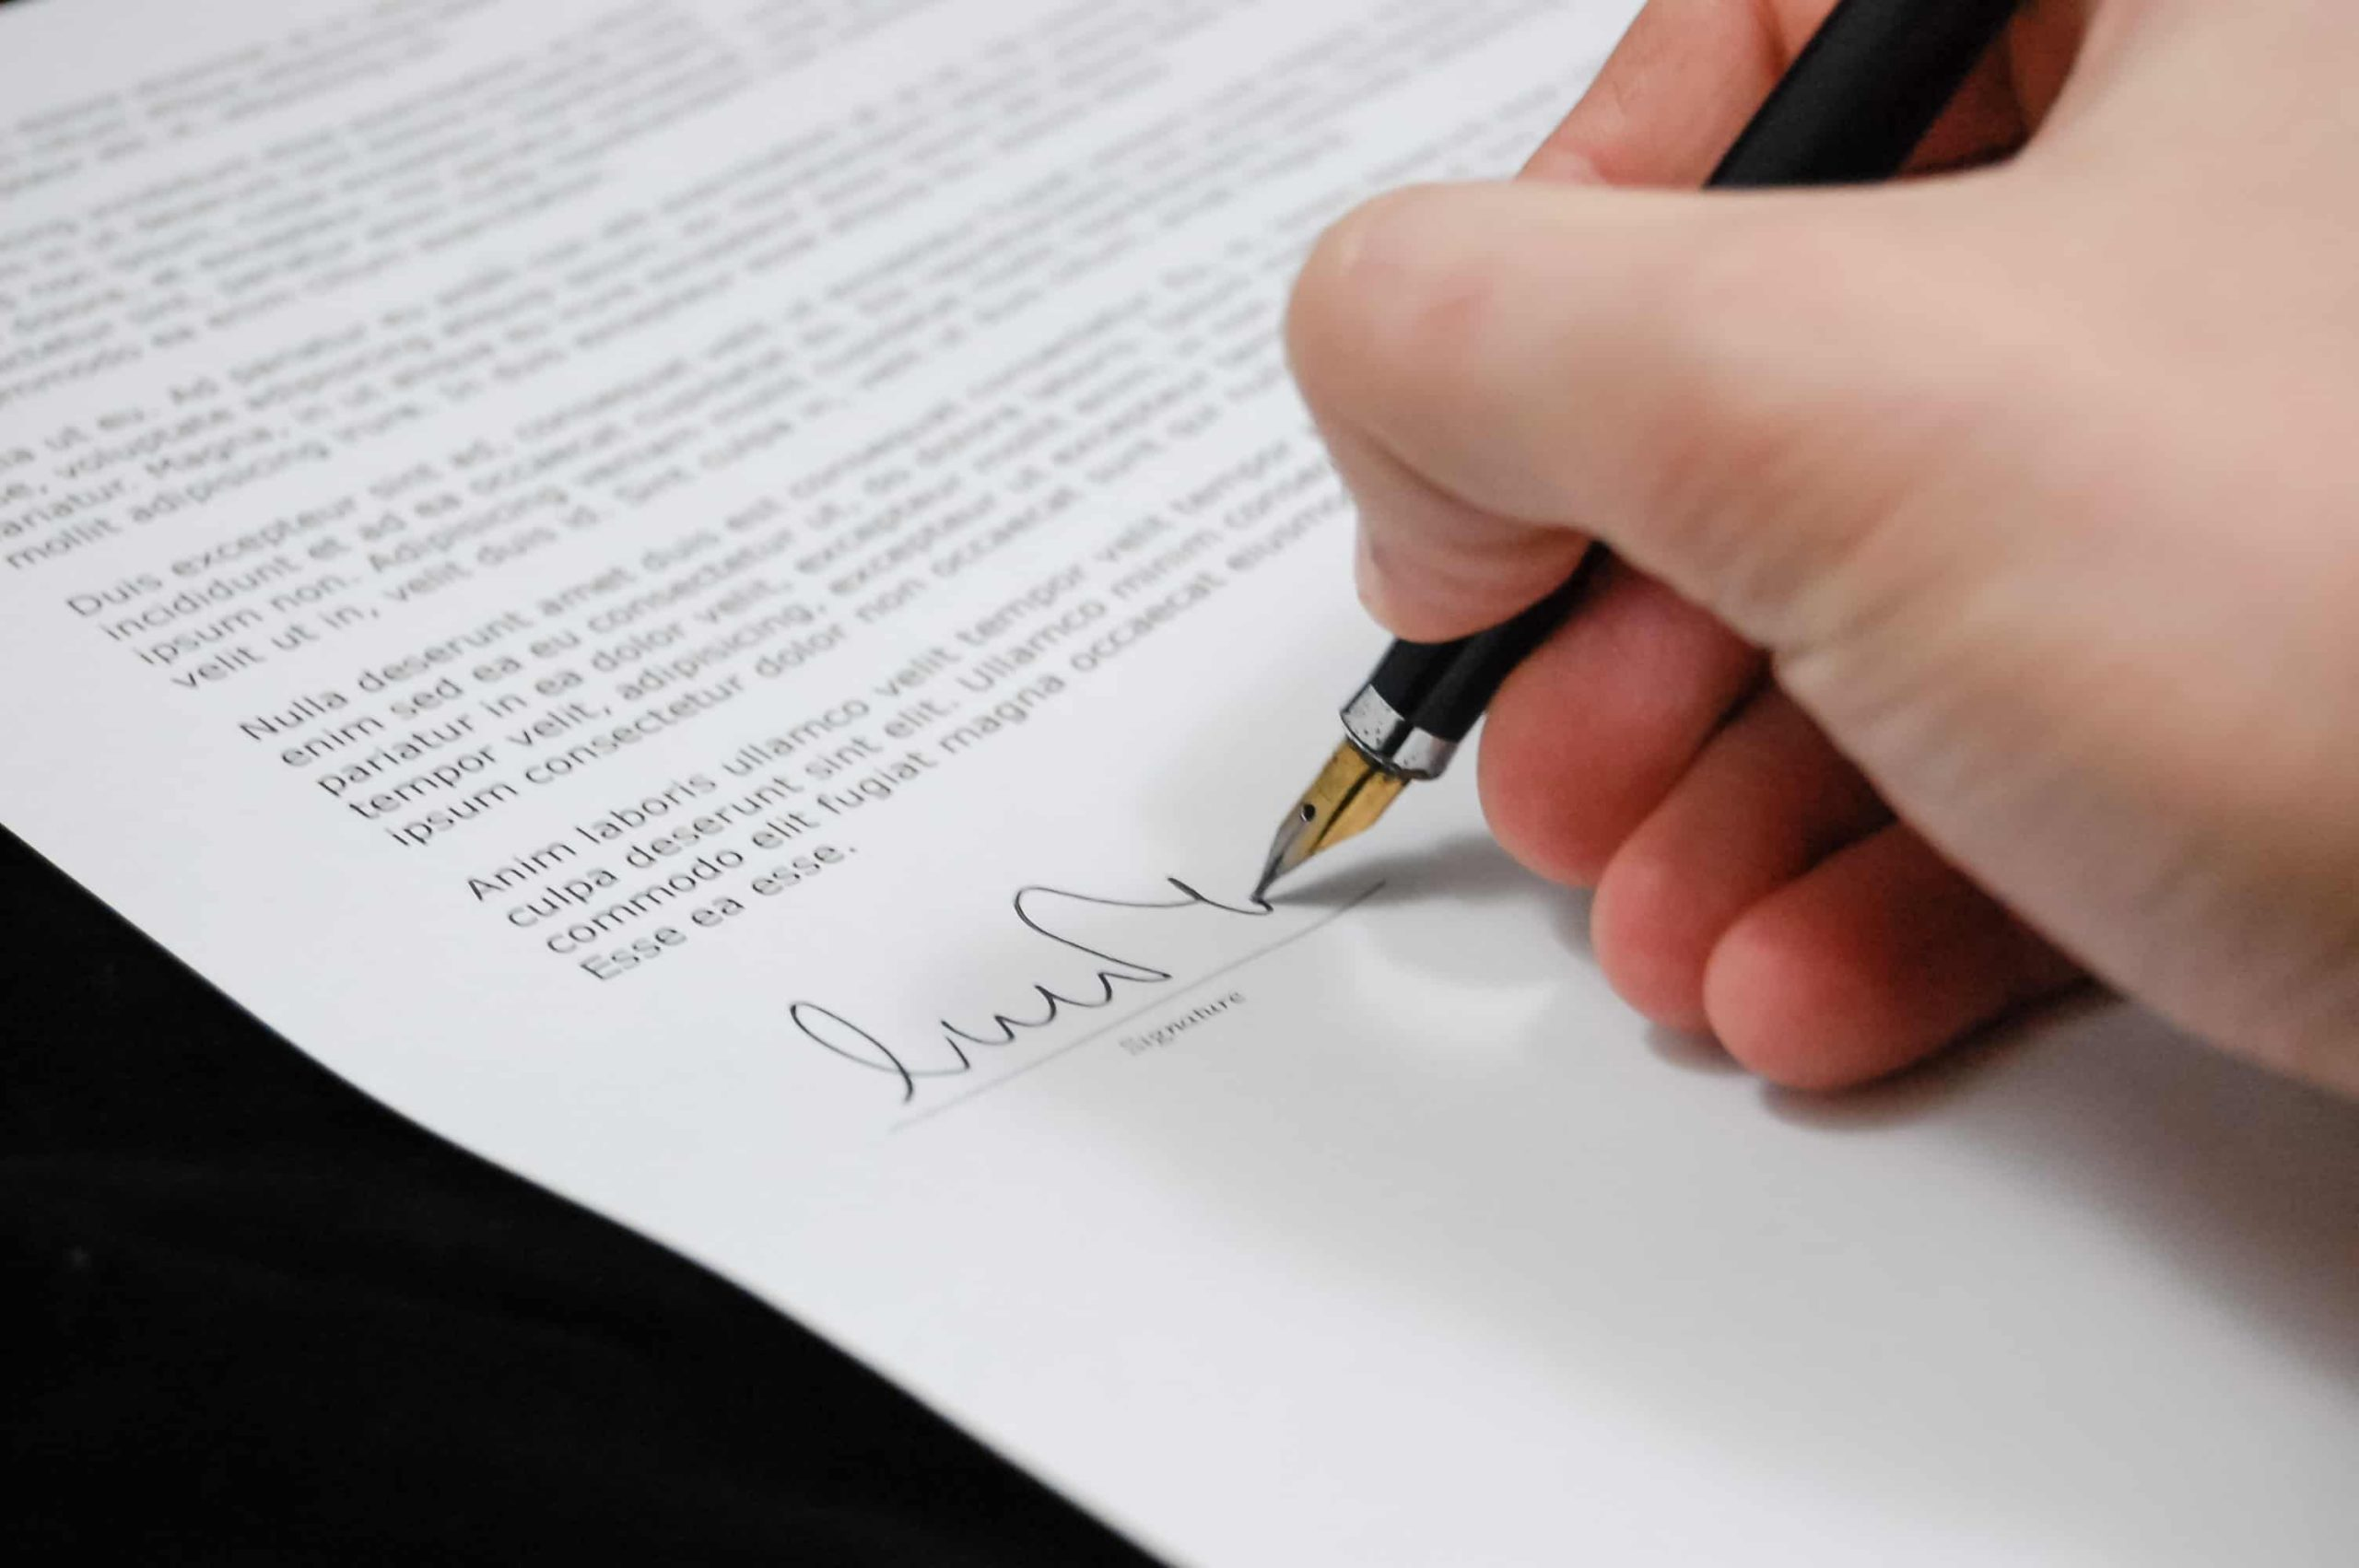 Novedades en la Ley y Reglamento de Extranjería, ¿qué ha cambiado? por abogadoextranjeriafuerteventura.es